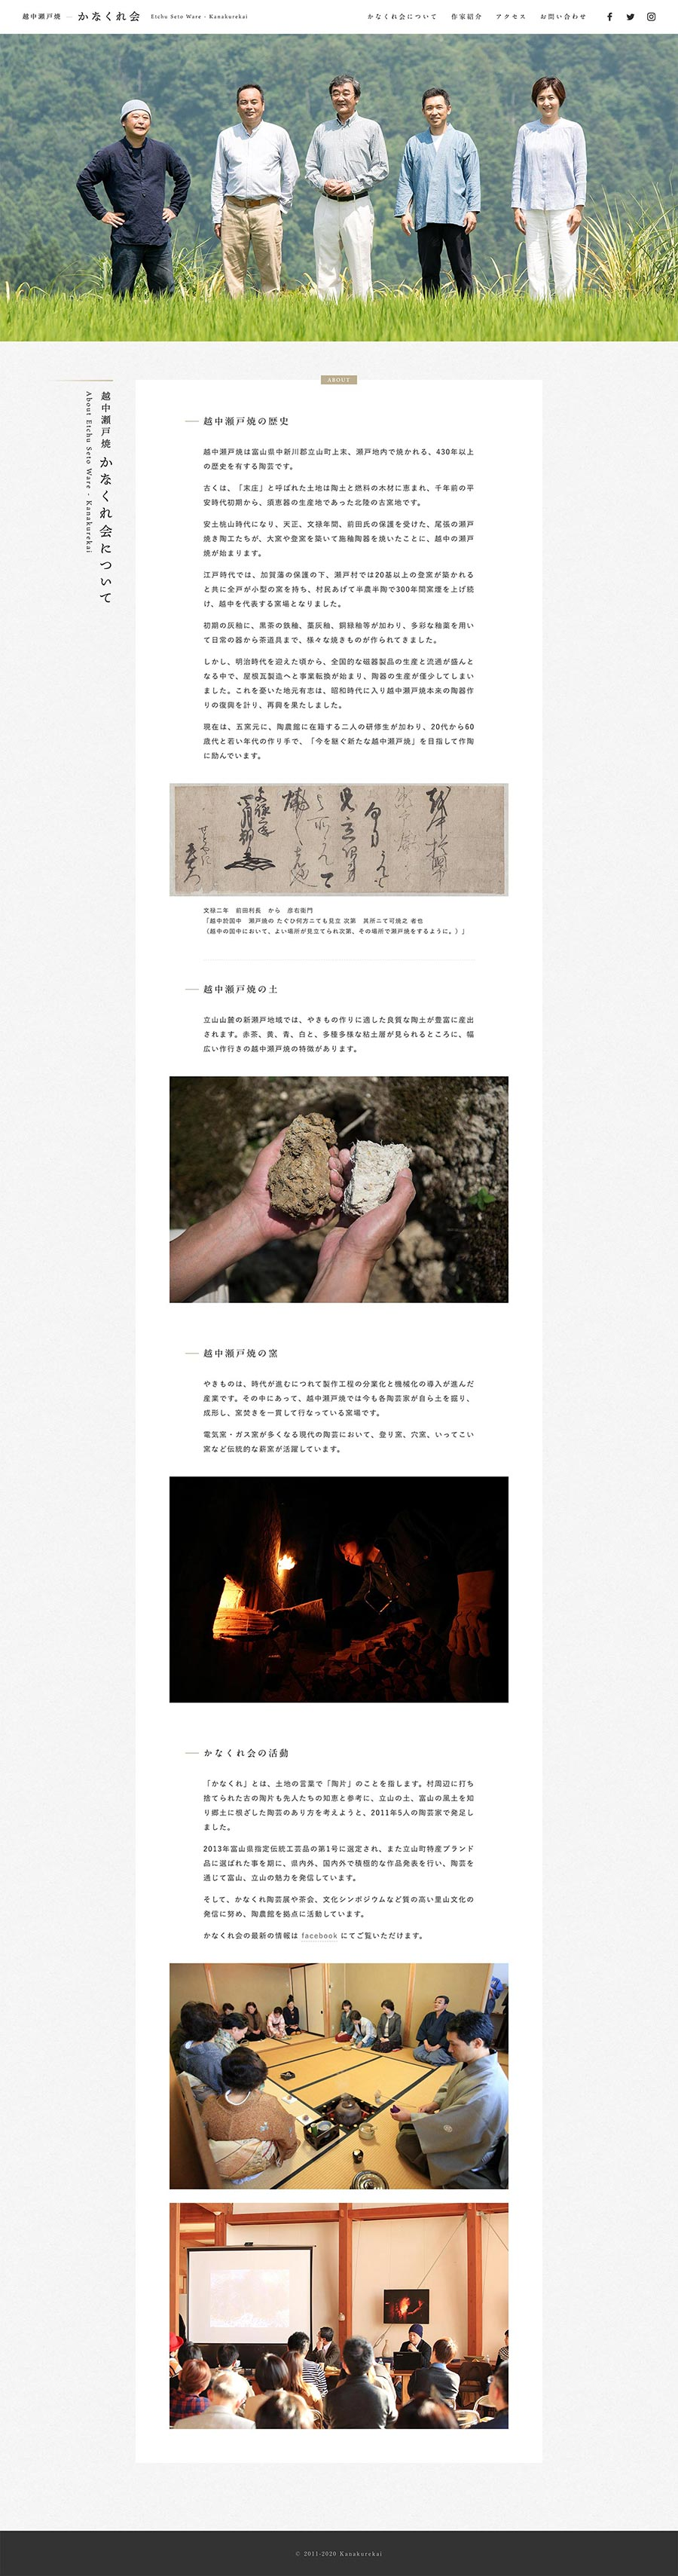 越中瀬戸焼 かなくれ会|Webサイト|About